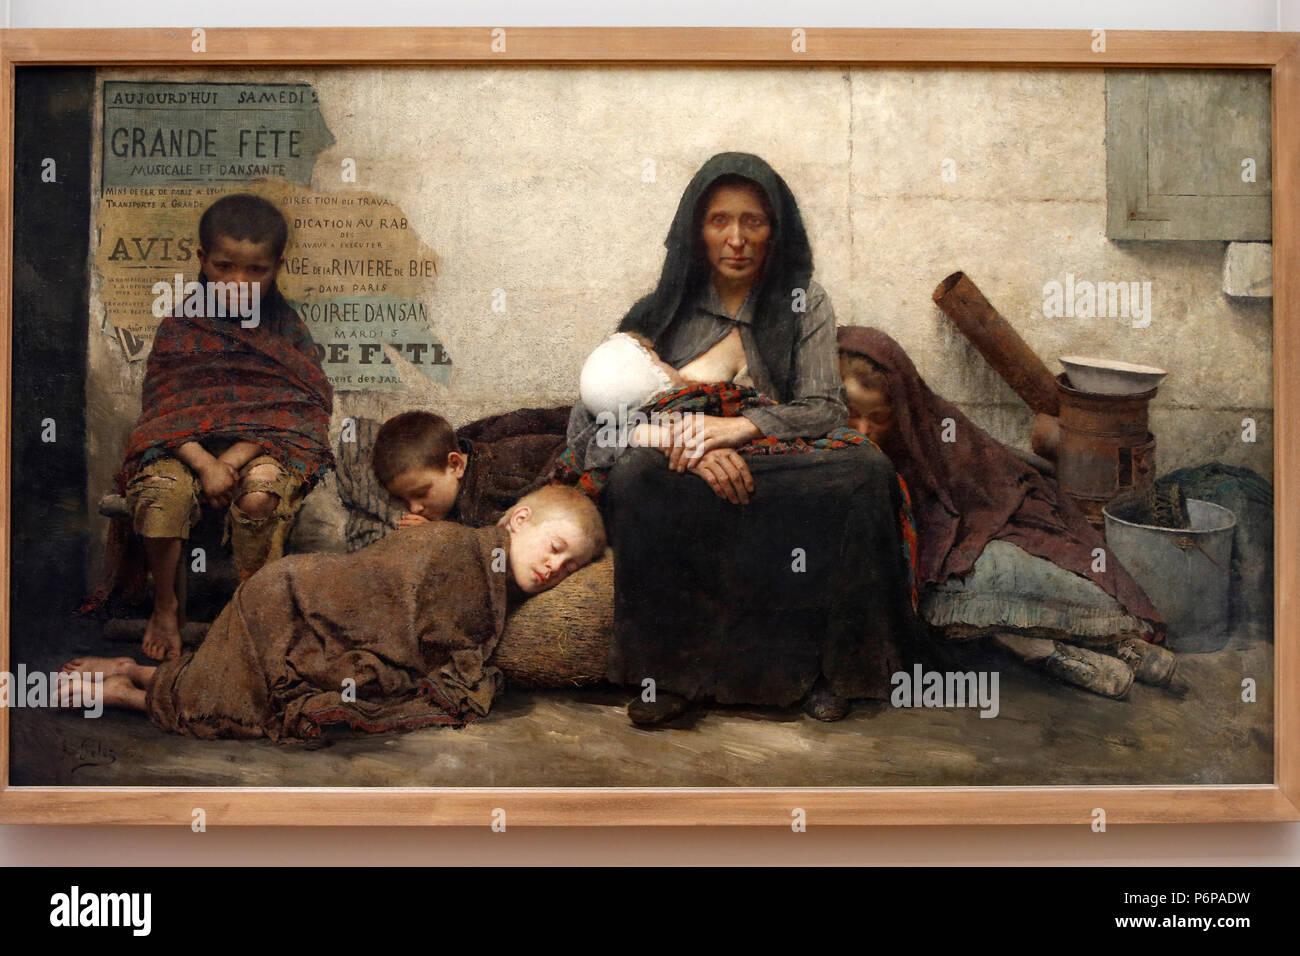 Petit Palais museum, Paris, France. Fernand pelez, Sans asile (Homeless), 1883, oil on canvas. - Stock Image